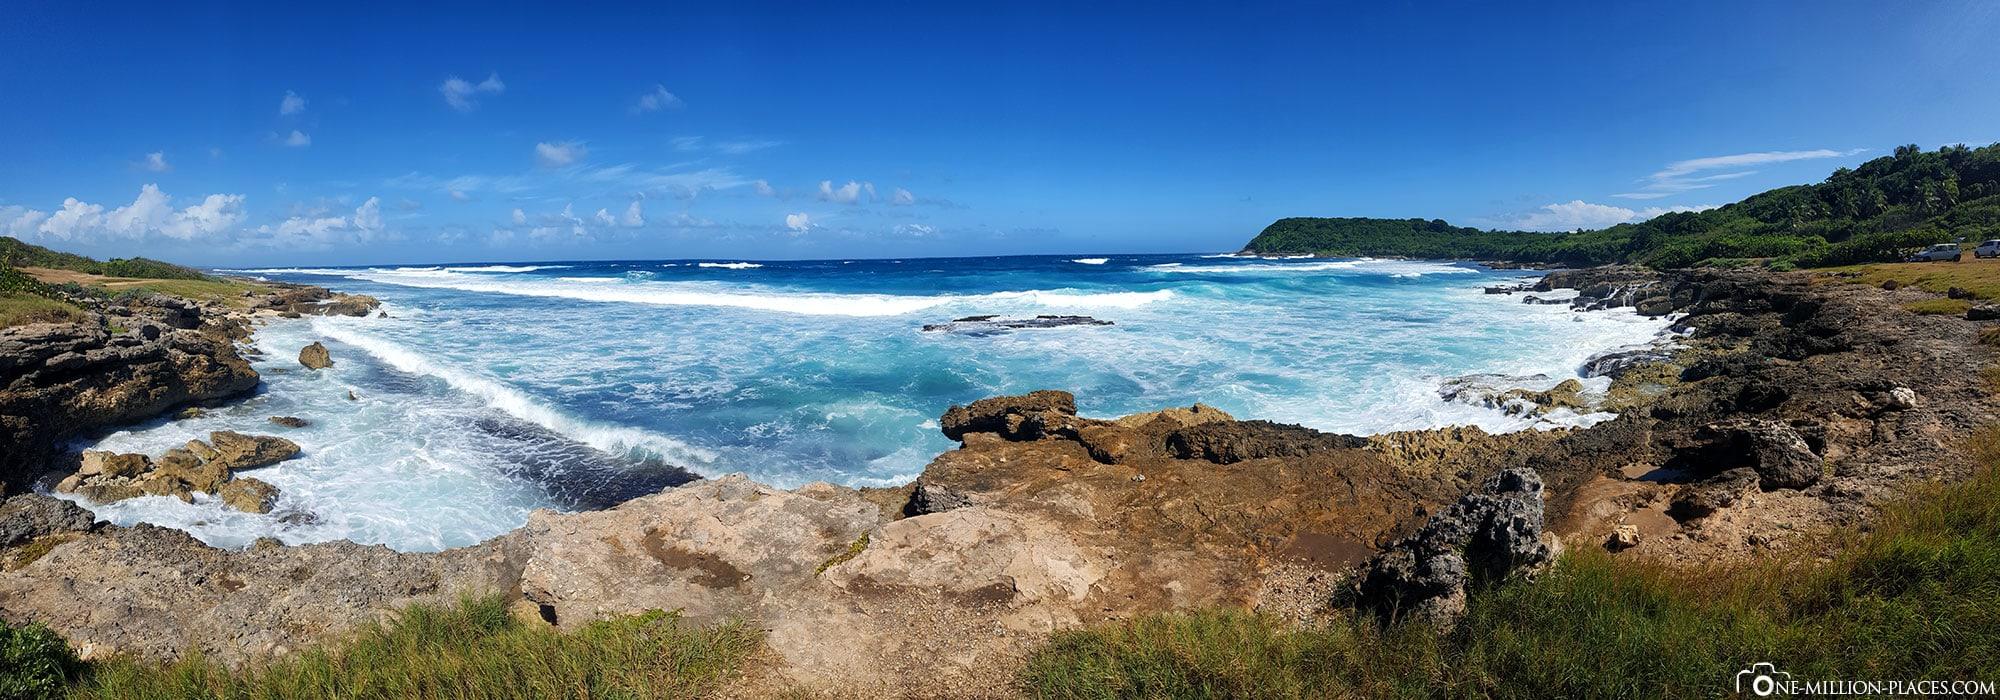 Panoramabild von der Atlantikküste, Guadeloupe, Sehenswürdigkeiten, Inselrundfahrt, Auf eigene Faust, Reisebericht